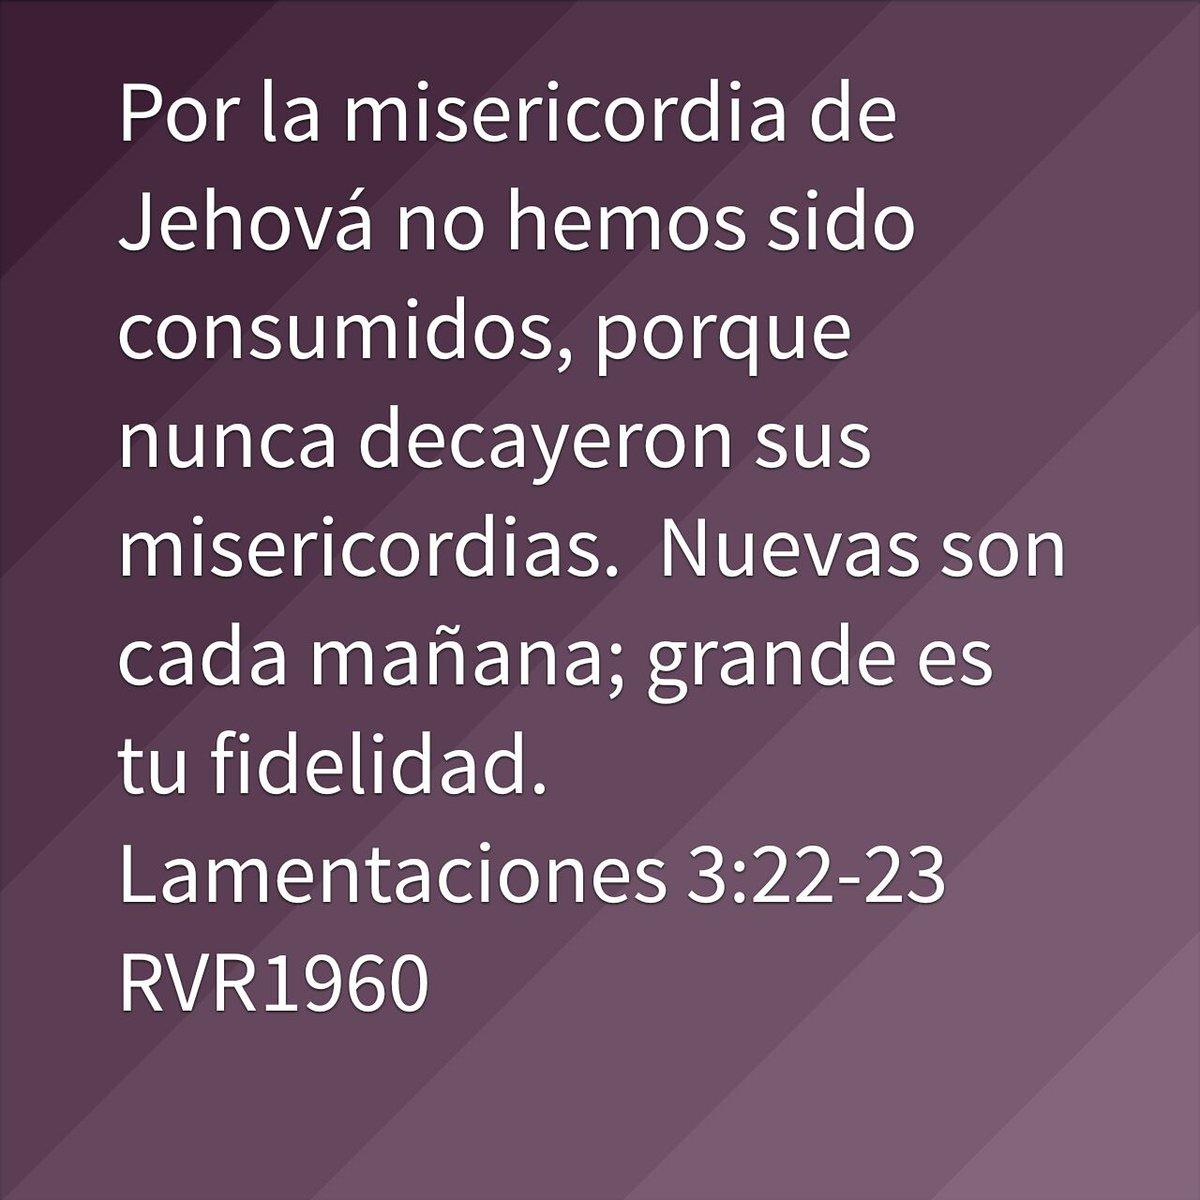 Mariuxi On Twitter Por La Misericordia De Jehová No Hemos Sido